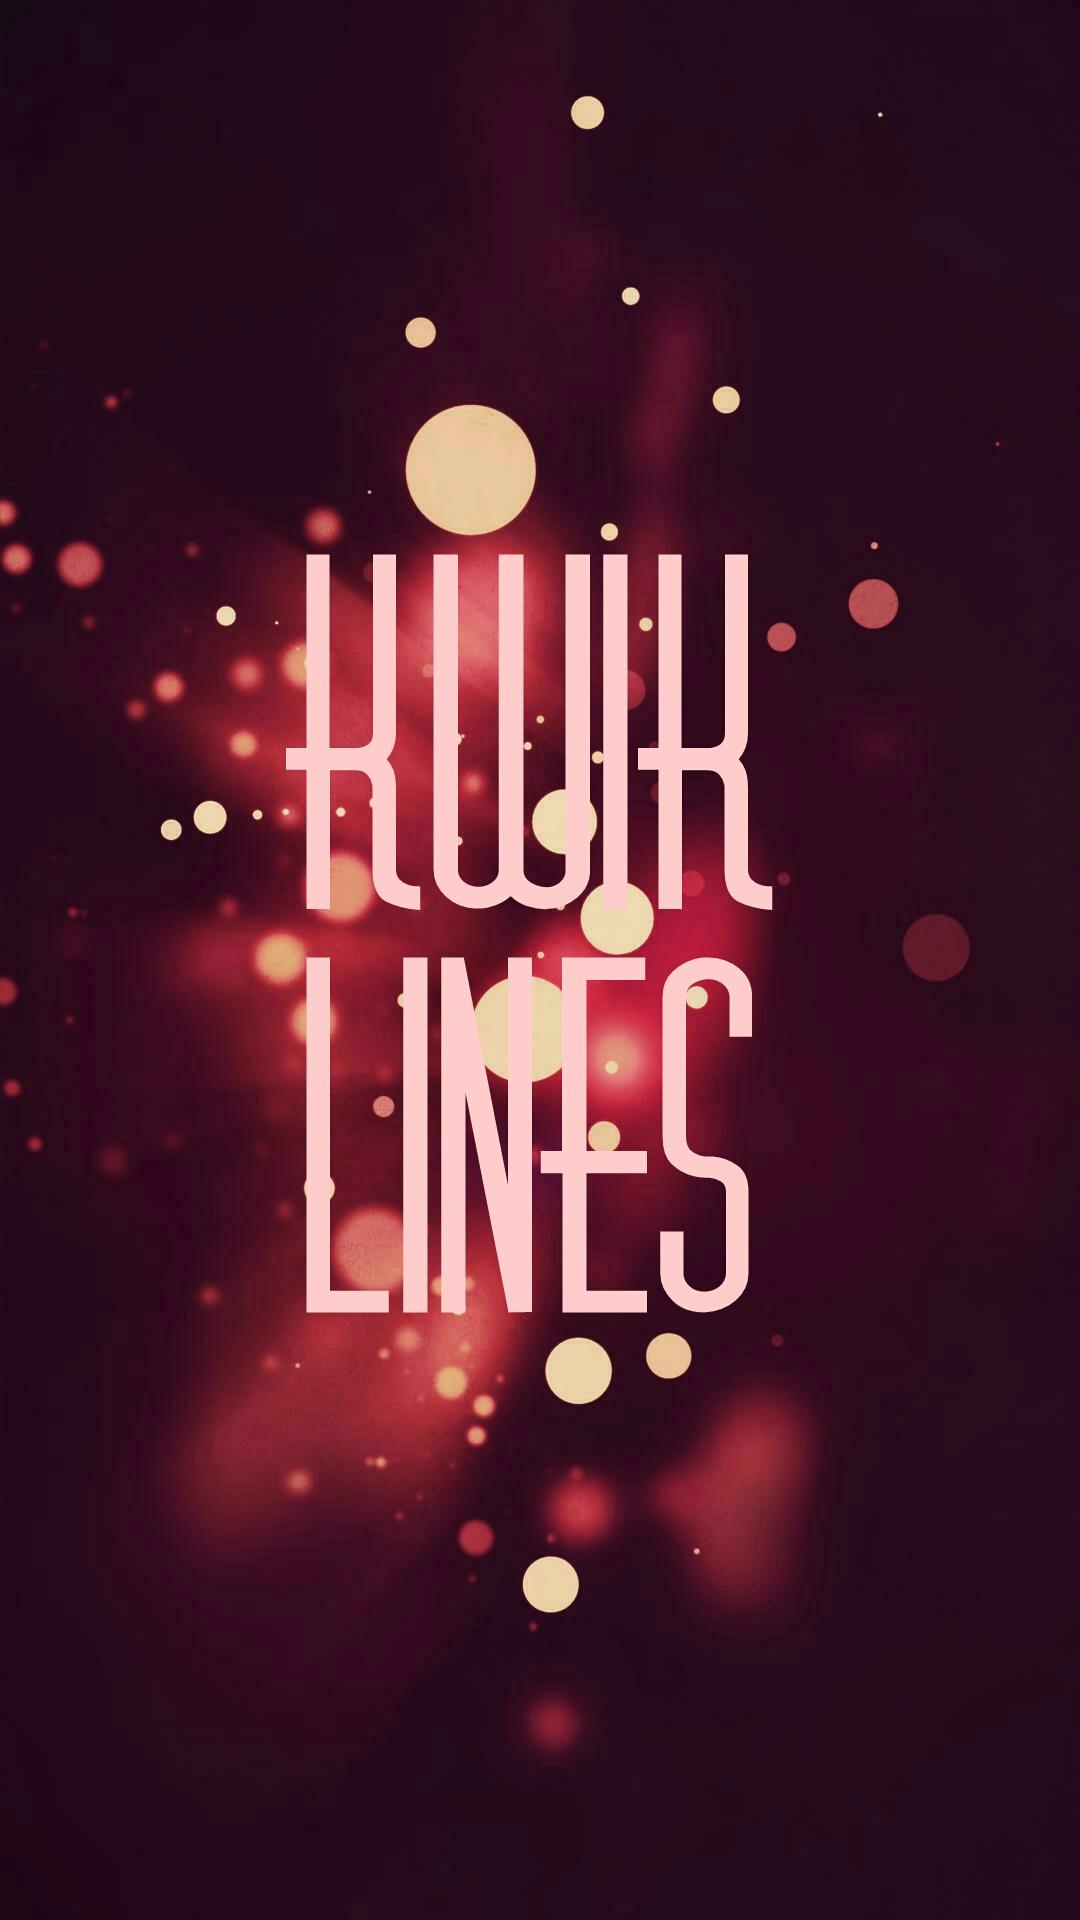 KwiK LineS